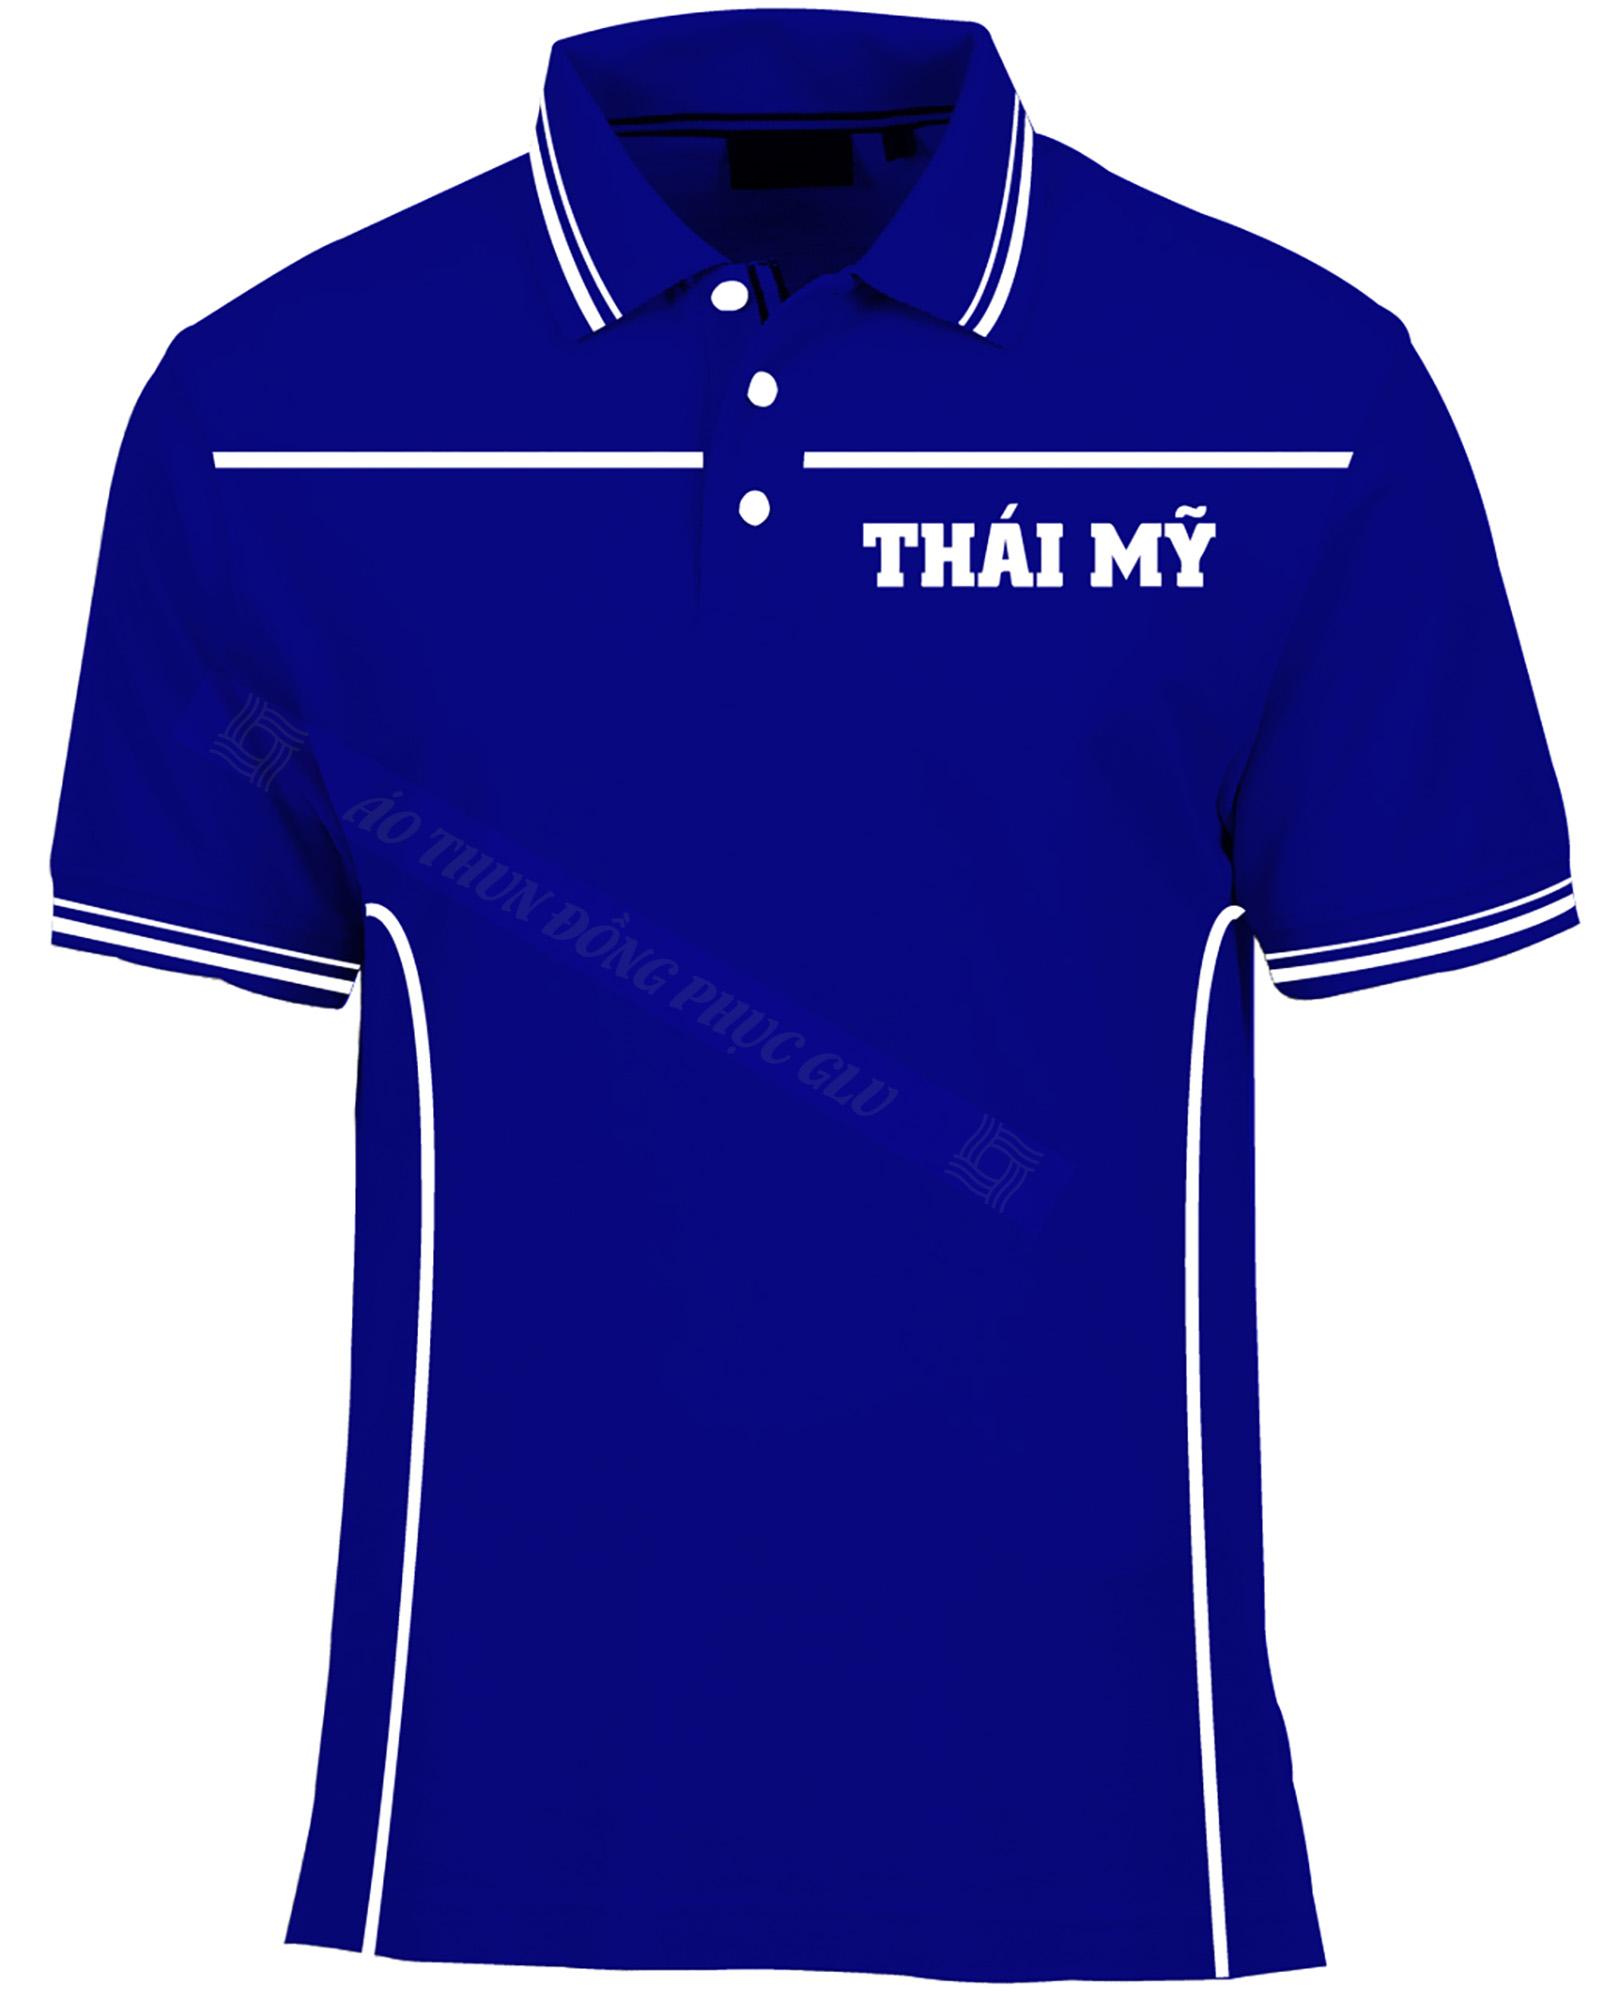 AO THUN THAI MY AT437 áo thun đồng phục có cổ